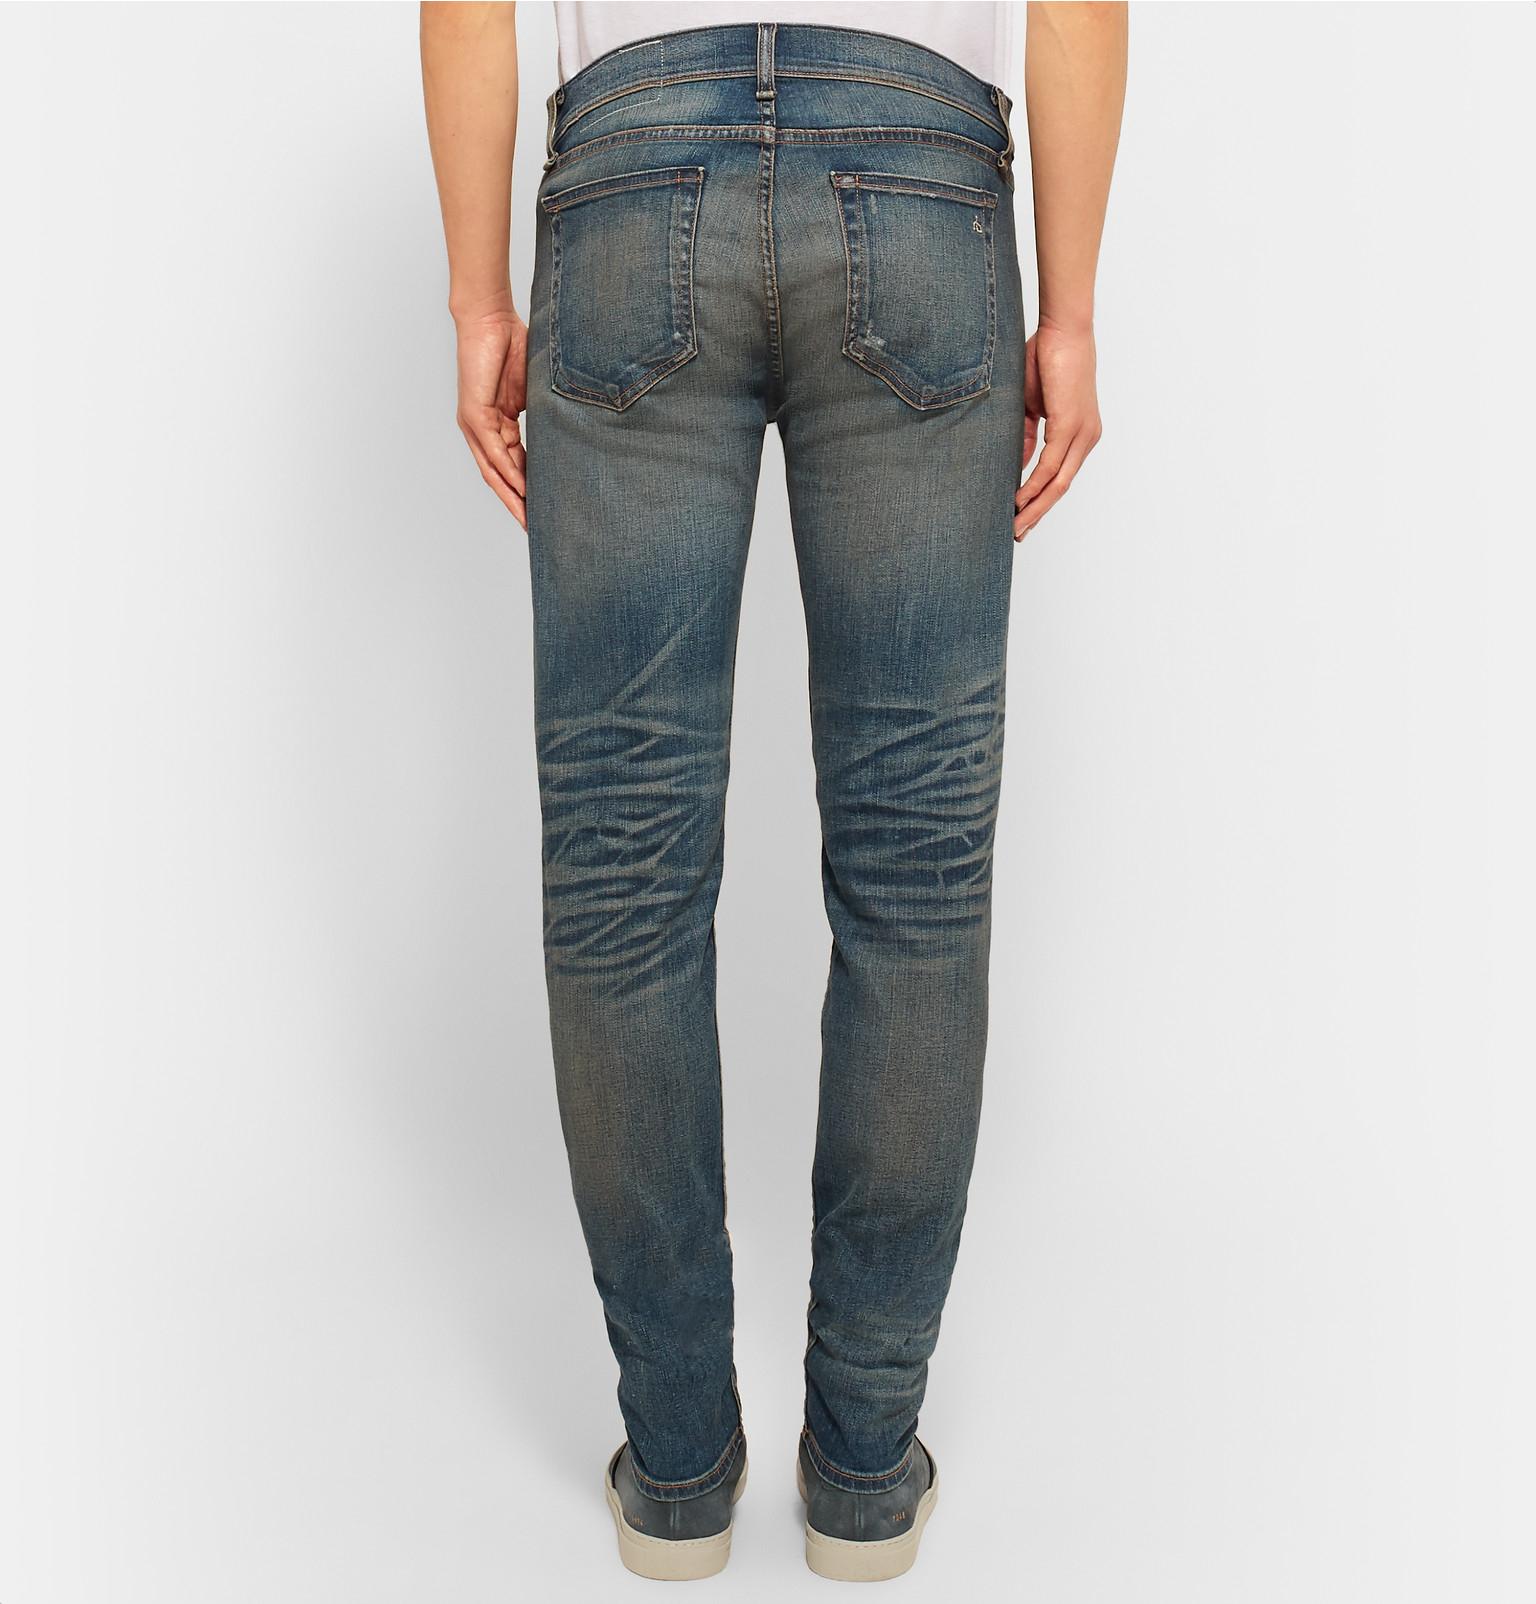 Fit 1 Skinny-fit Stretch-denim Jeans Rag & Bone m9114d4wZW